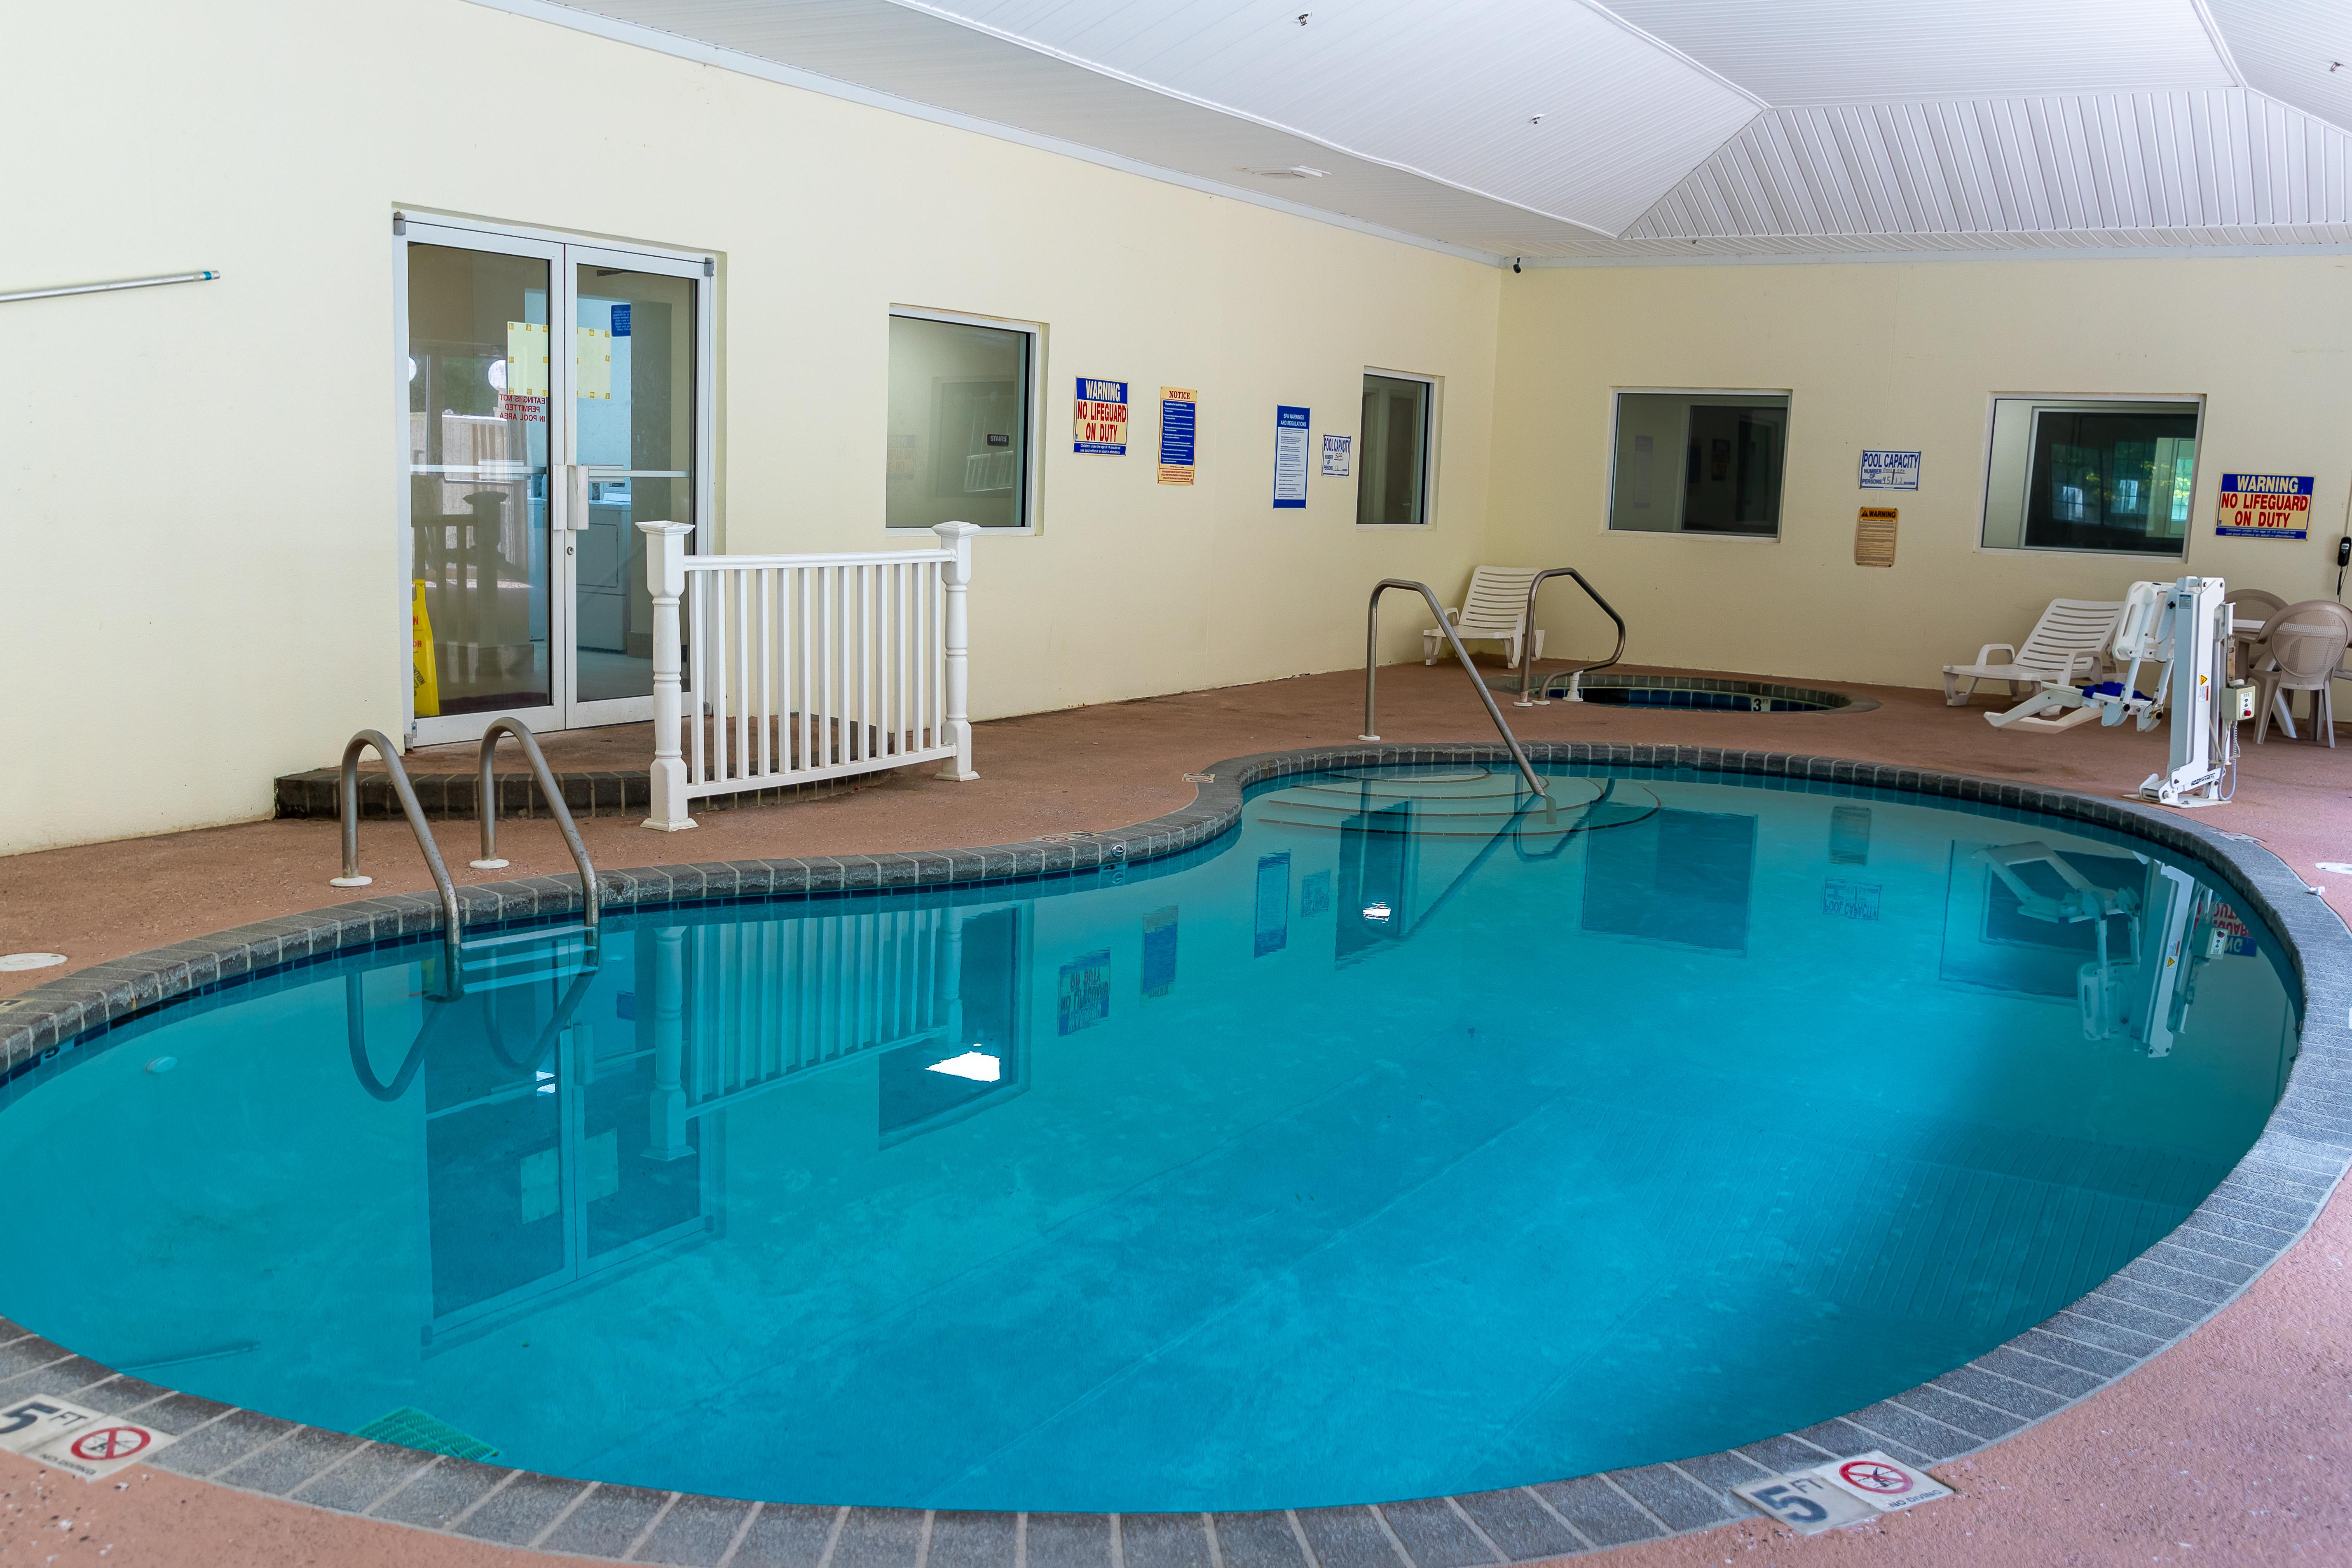 1206-pool.jpg